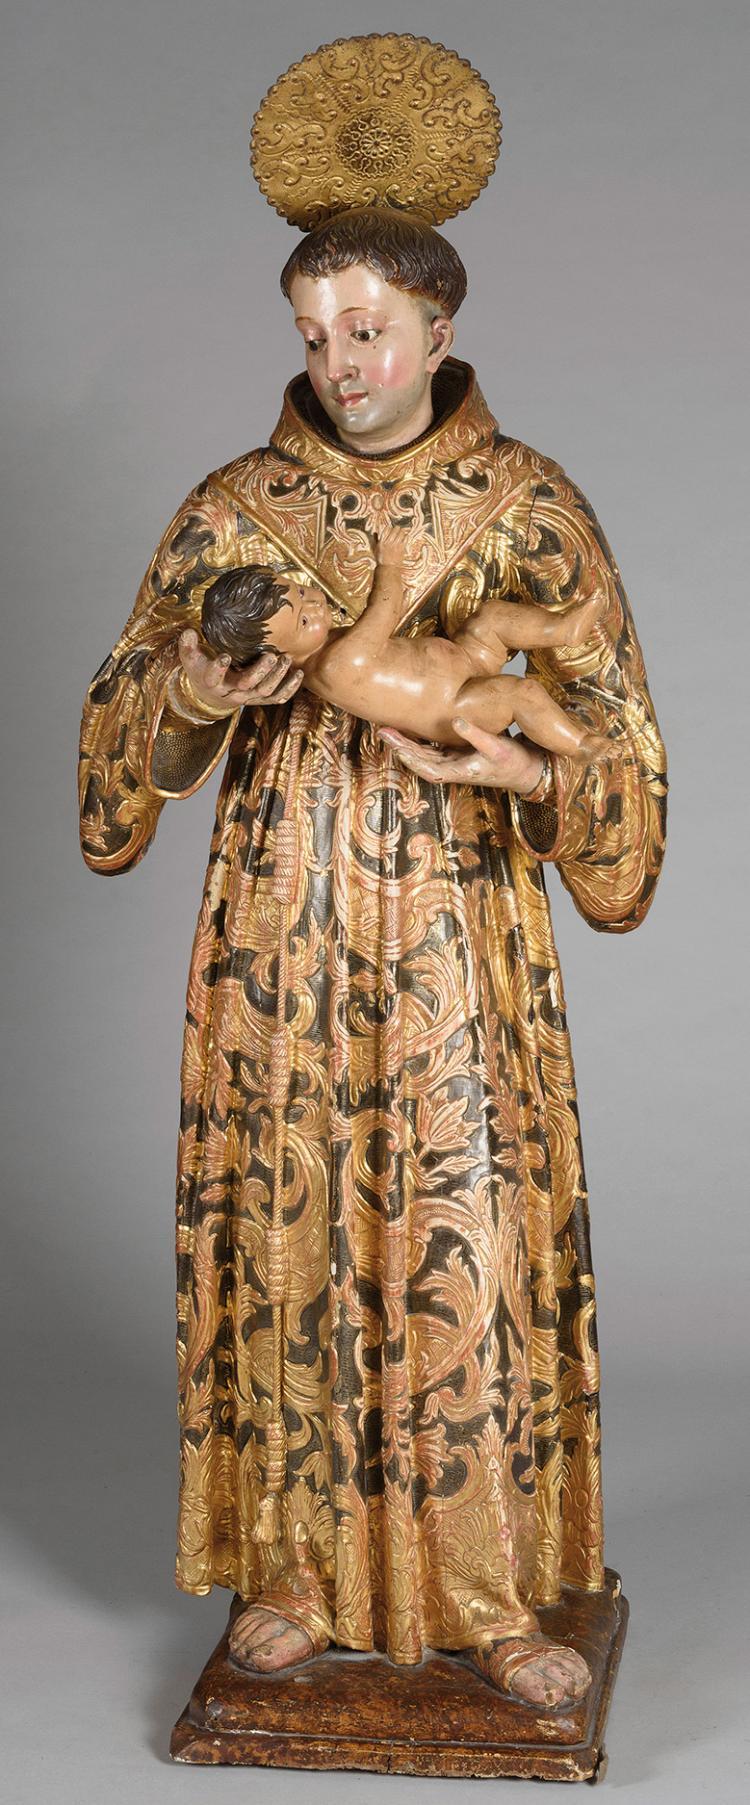 PEDRO LABORIA (Sanlúcar de Barrameda hacia 1700-Bogotá, hacia 1770) San Antonio de Padua con el Niño